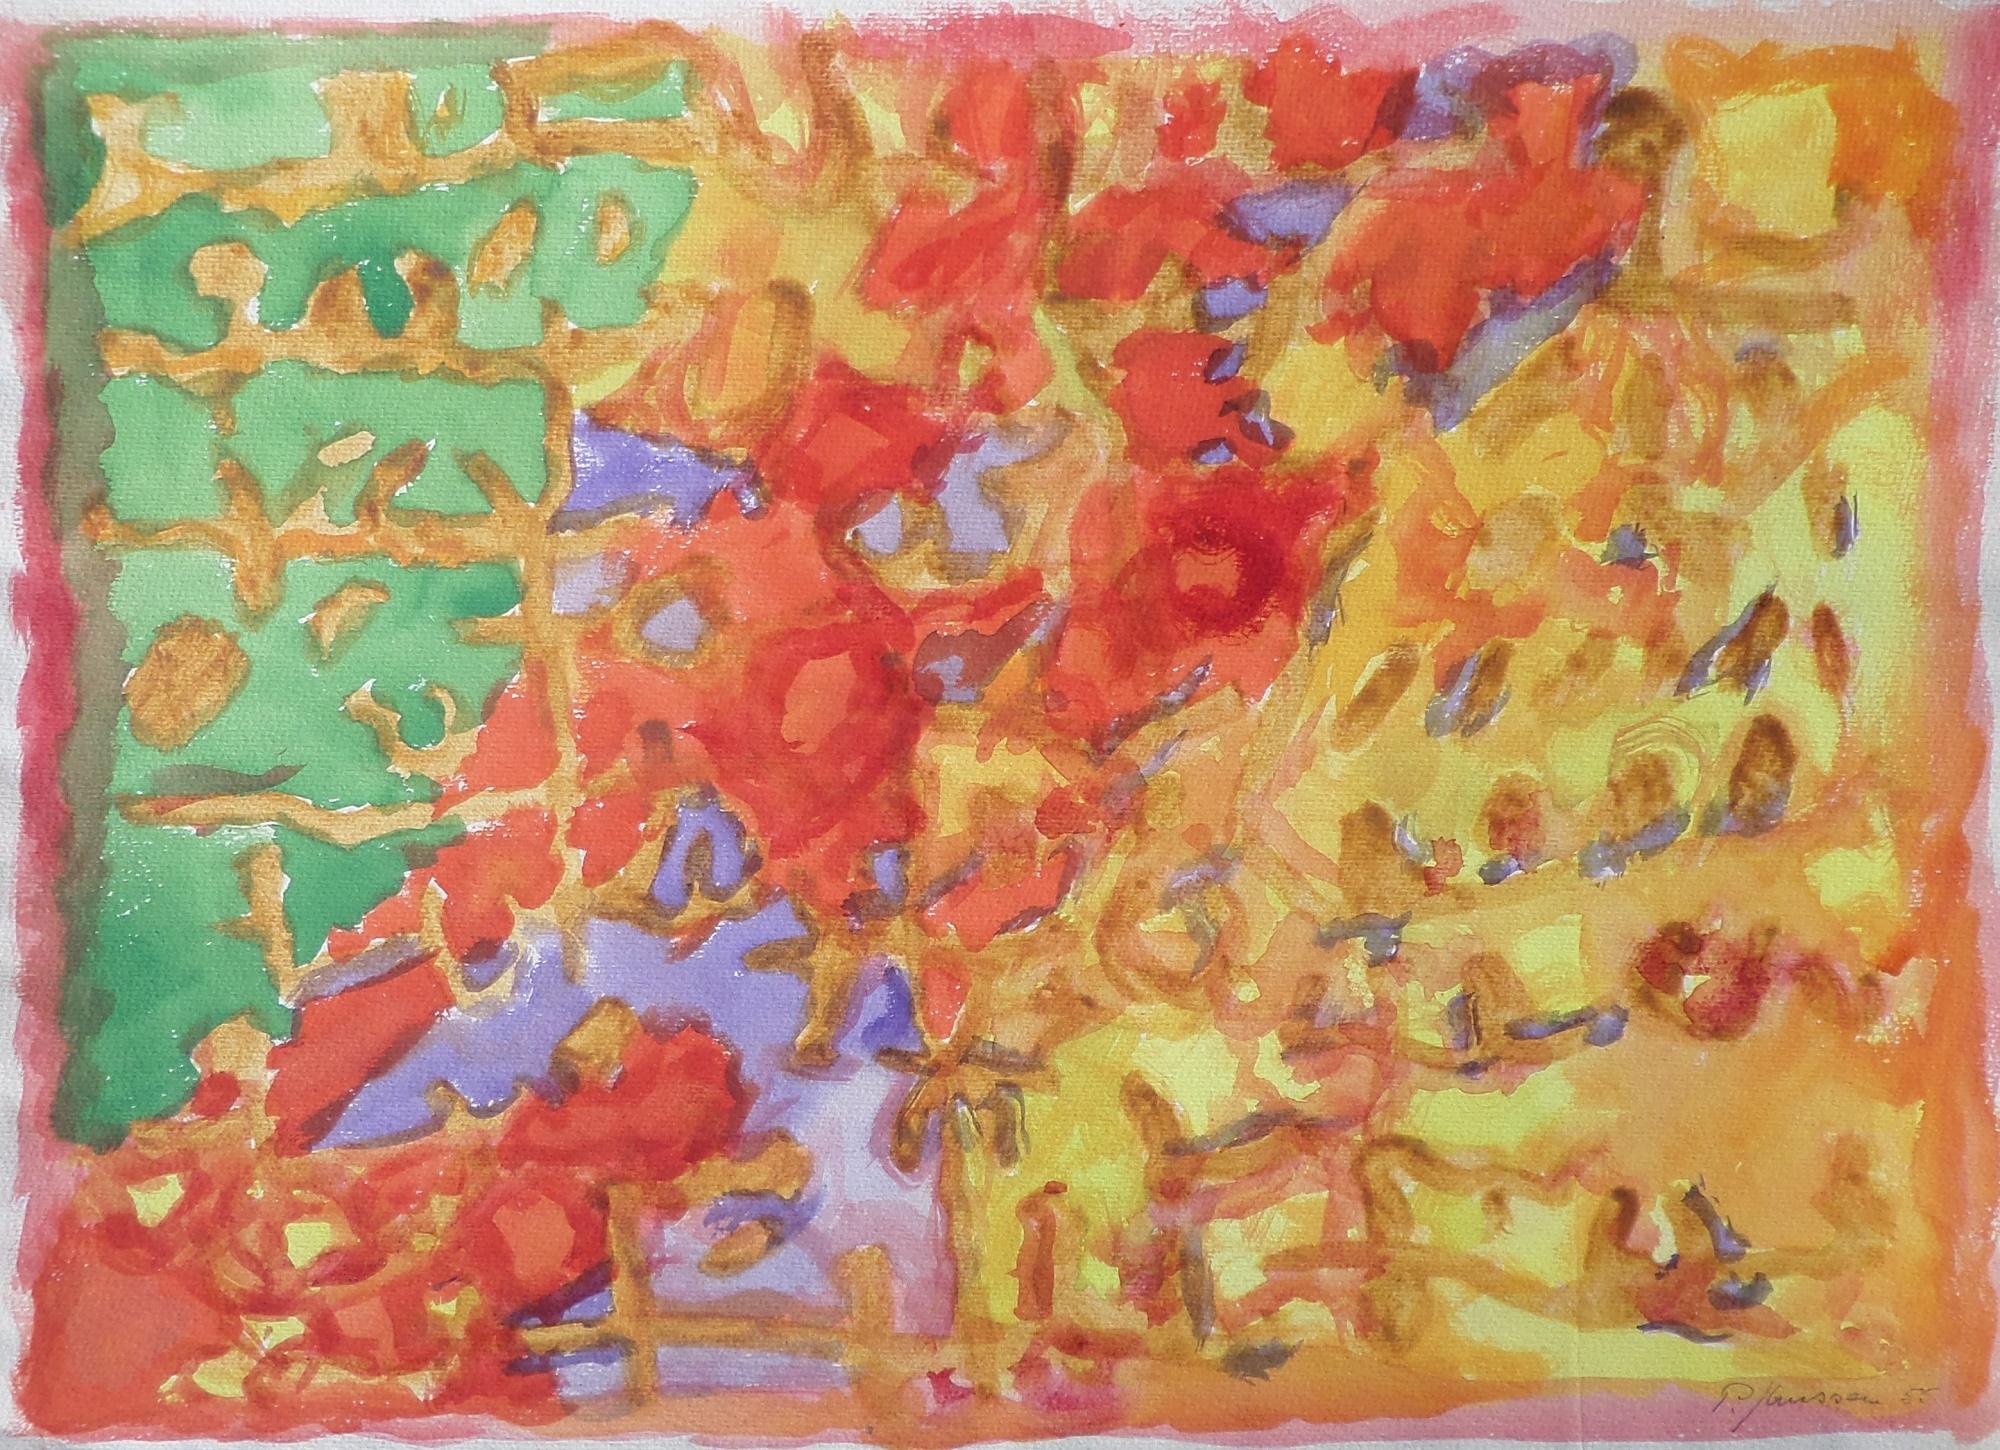 Farbenspiell, Aquarell von Peter Janssen, für vergrößerte Ansicht bitte anklicken!